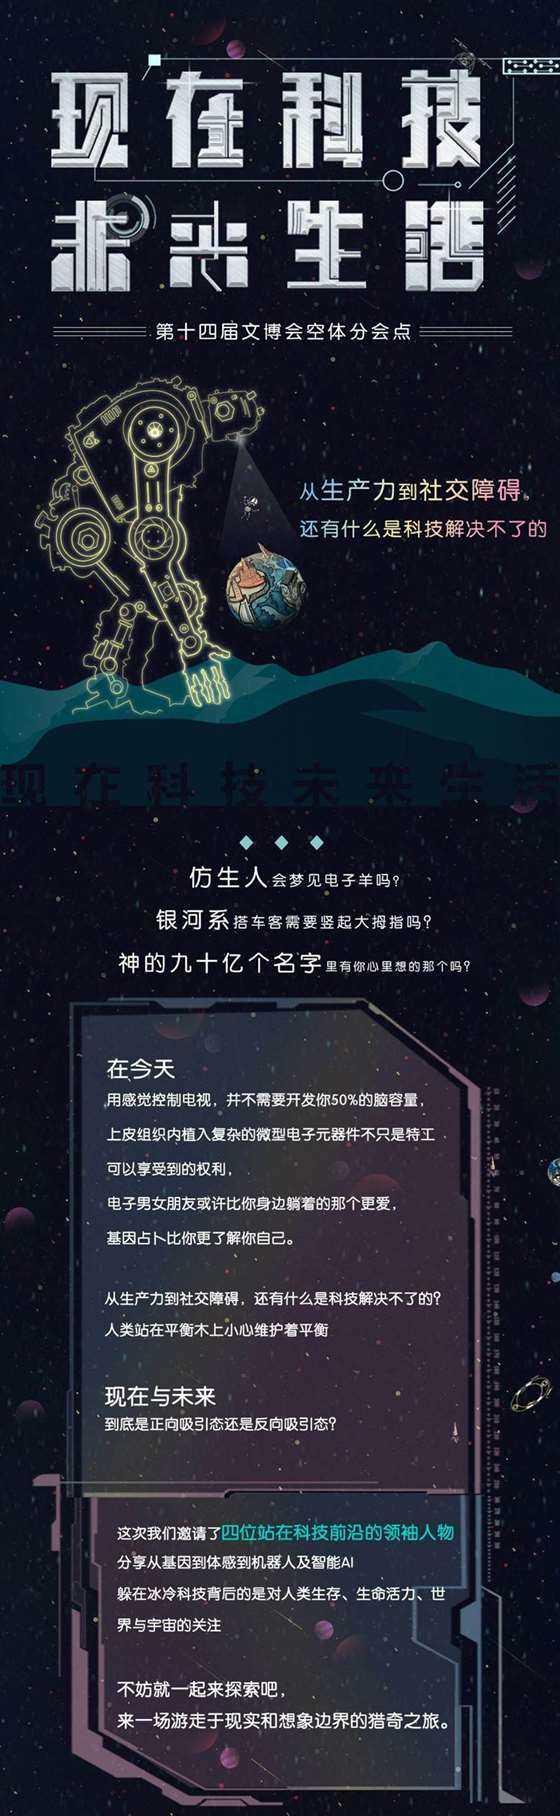 文博会5_副本1.jpg